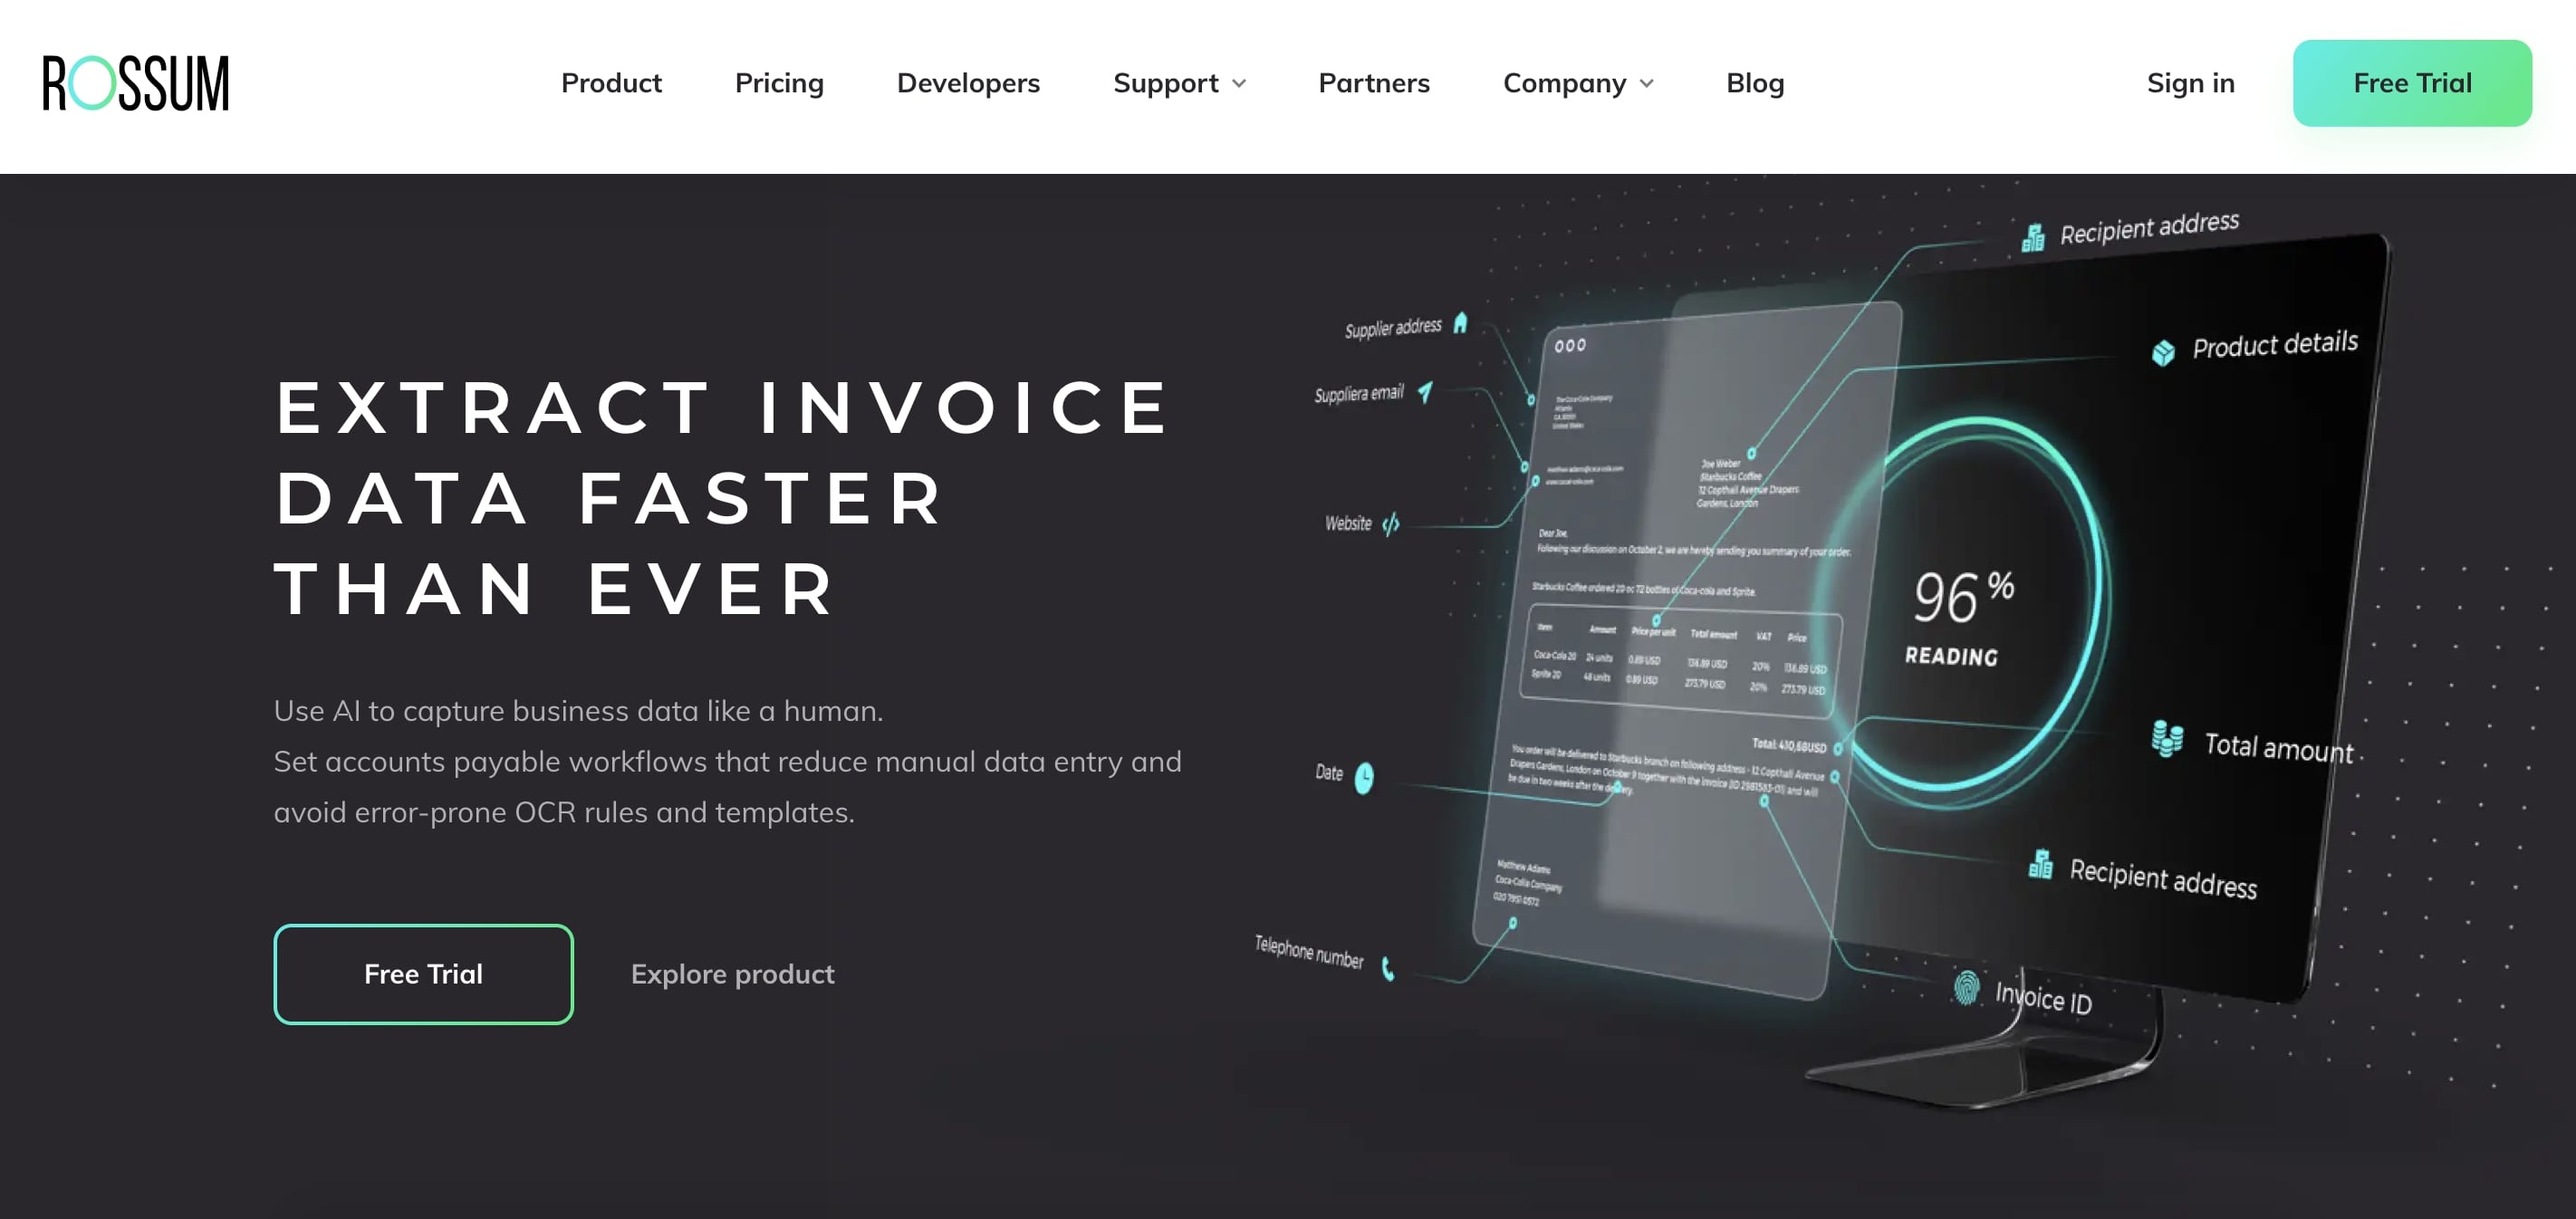 Rossum AI company website homepage